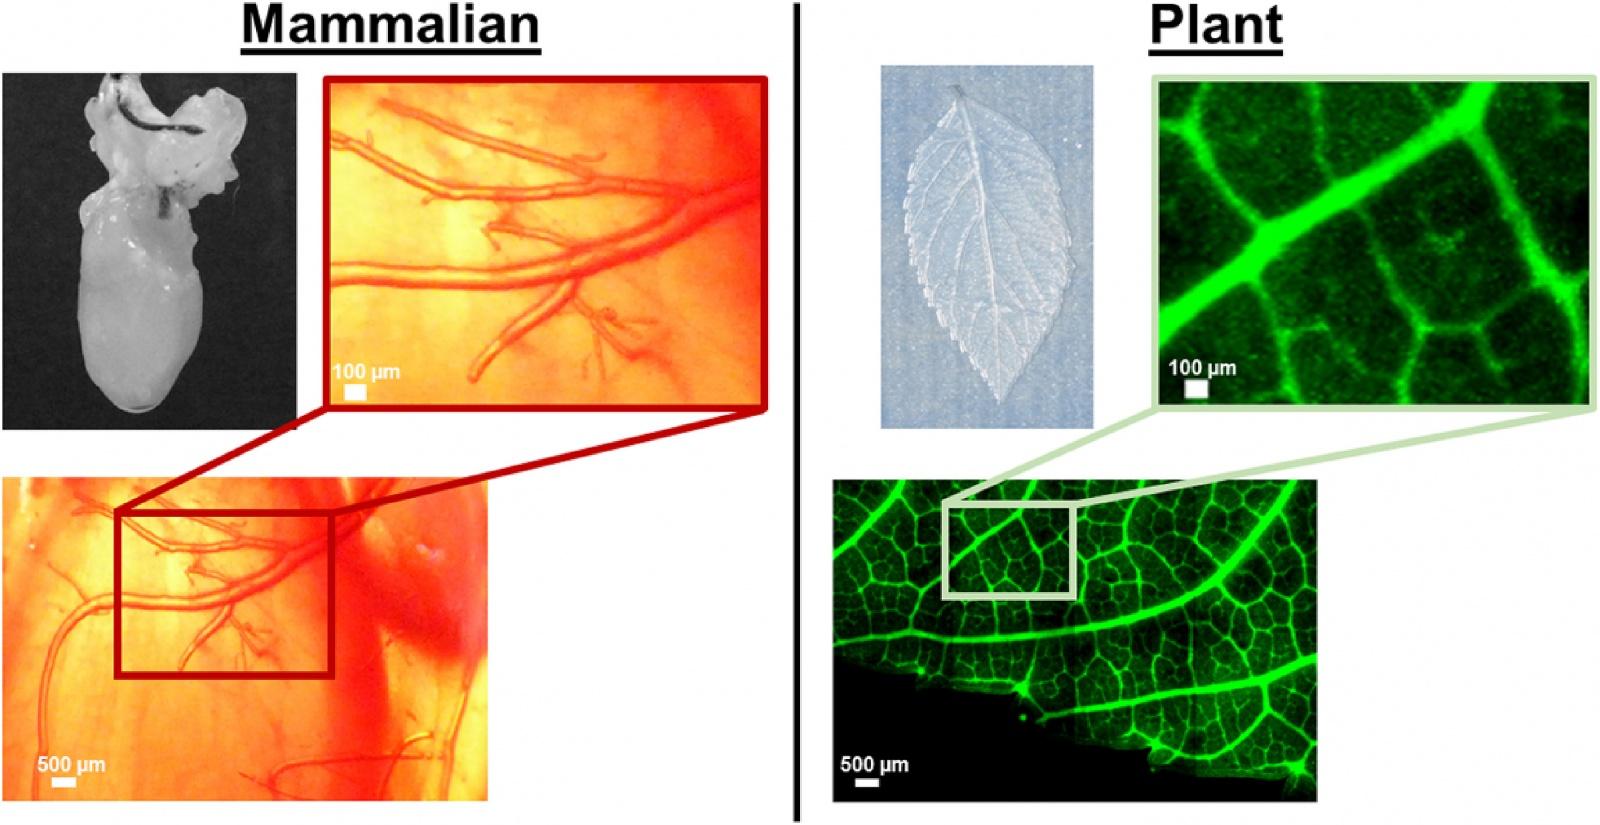 В листьях шпината вырастили клетки сердечной мышцы человека - 2